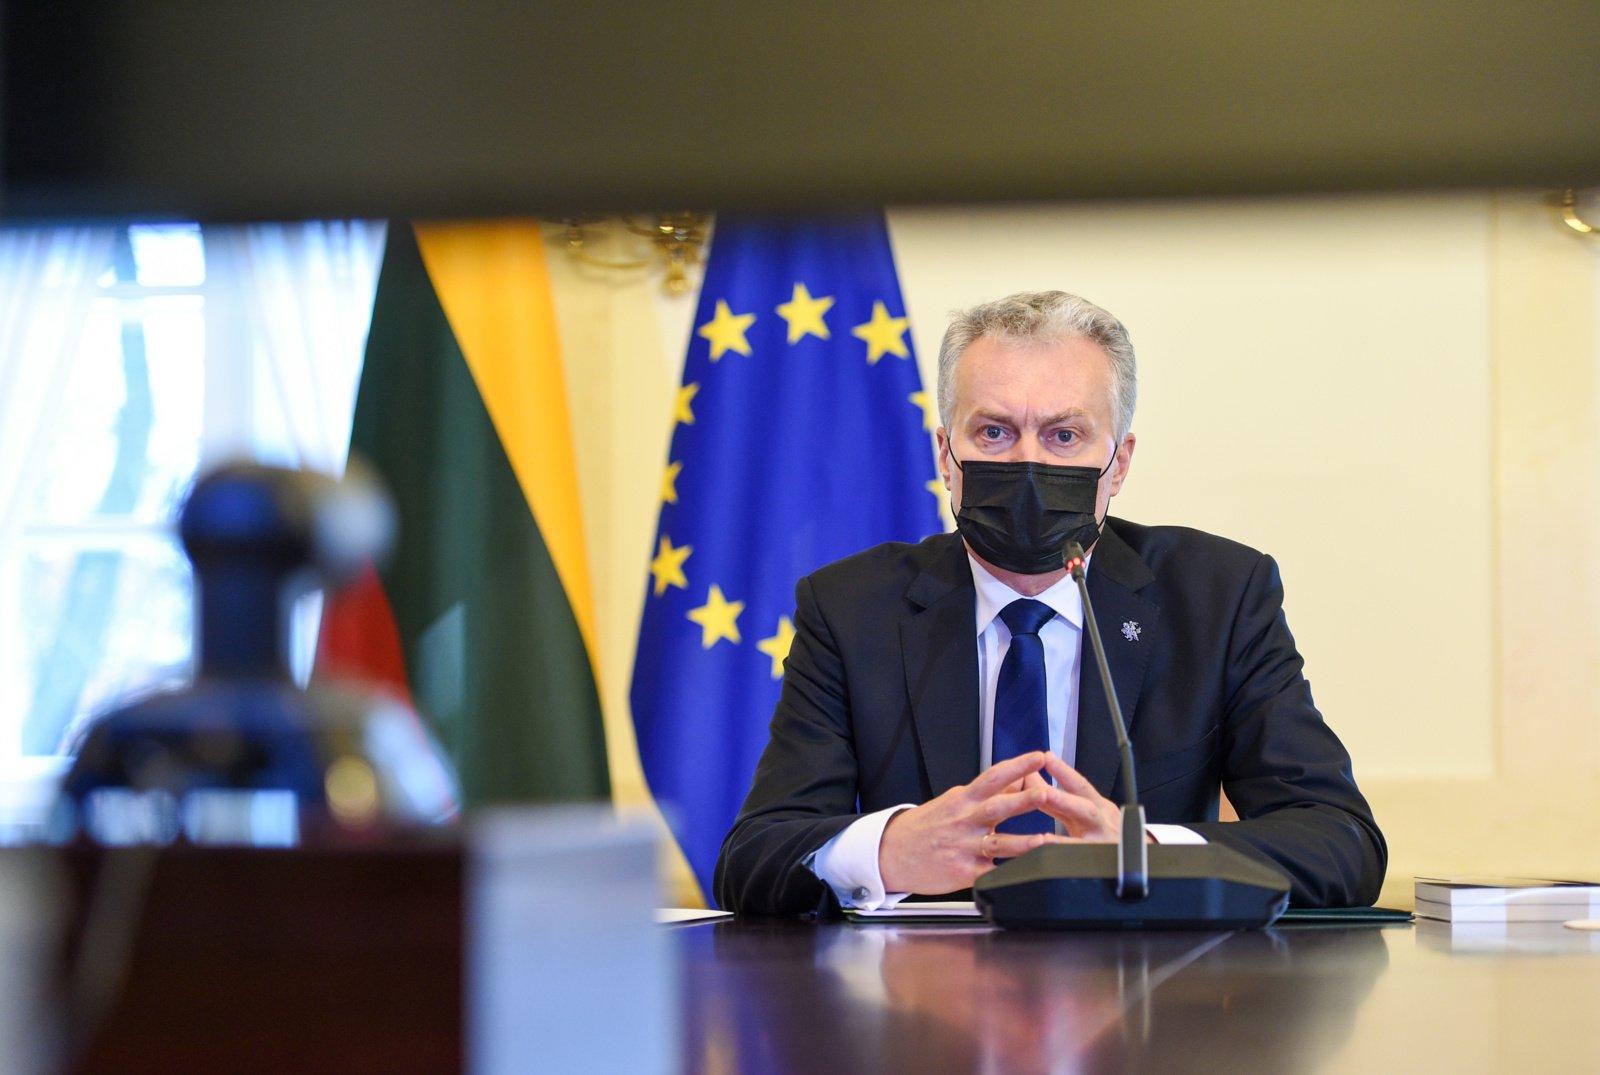 Prezidentas atmetė susisiekimo ir žemės ūkio ministrų kandidatūras